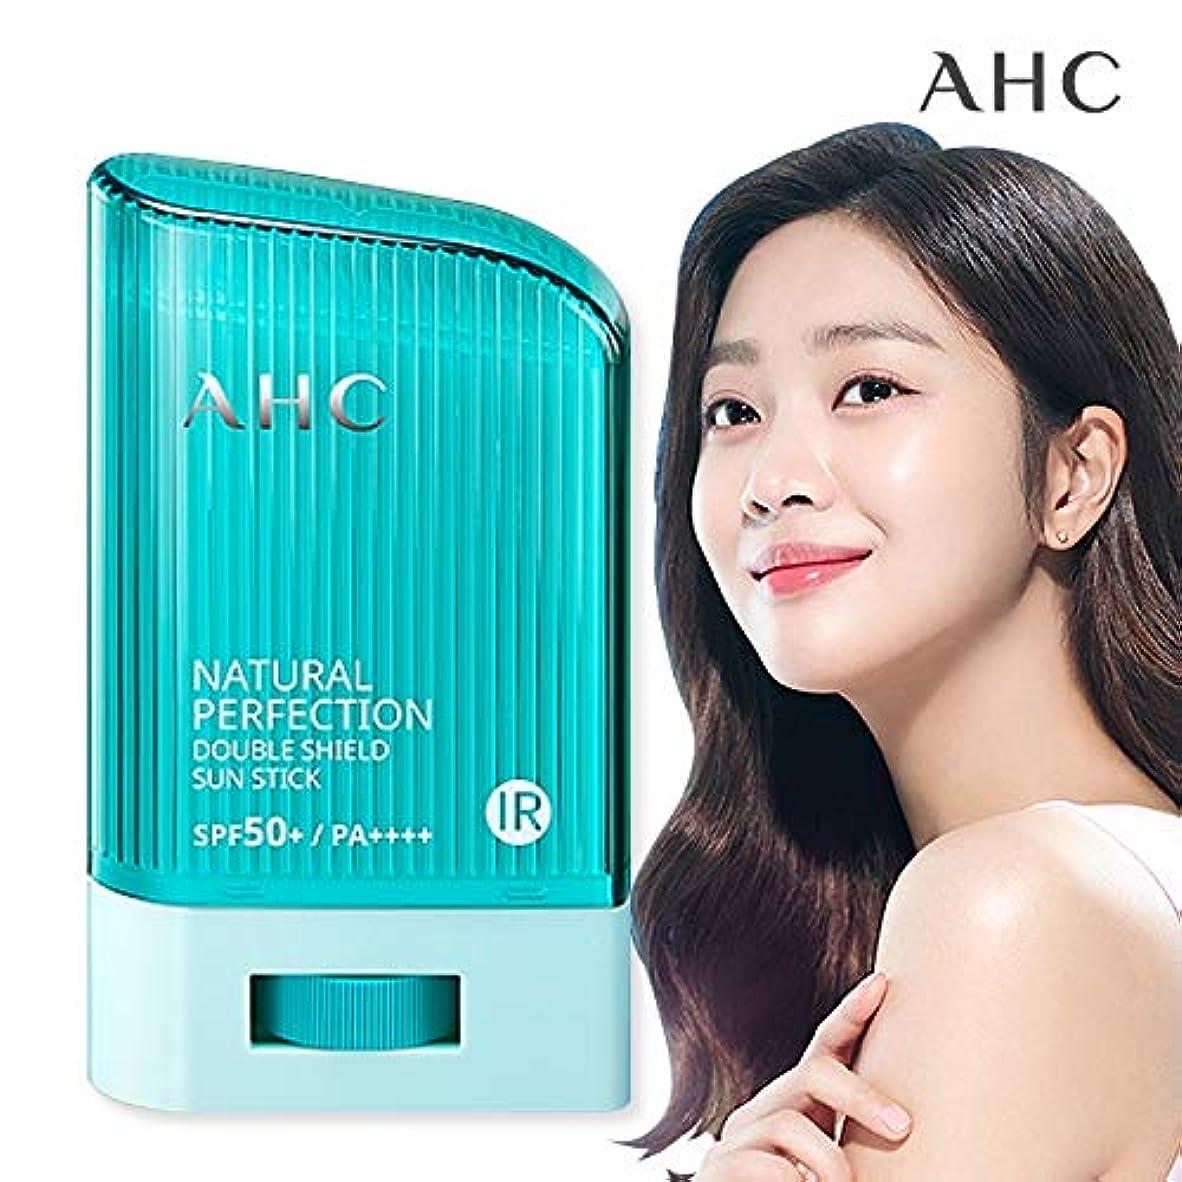 印象仕出します以上AHC ナチュラルパーフェクションダブルシールドサンスティック 22g, SPF50+ PA++++ A.H.C Natural Perfection Double Shield Sun Stick